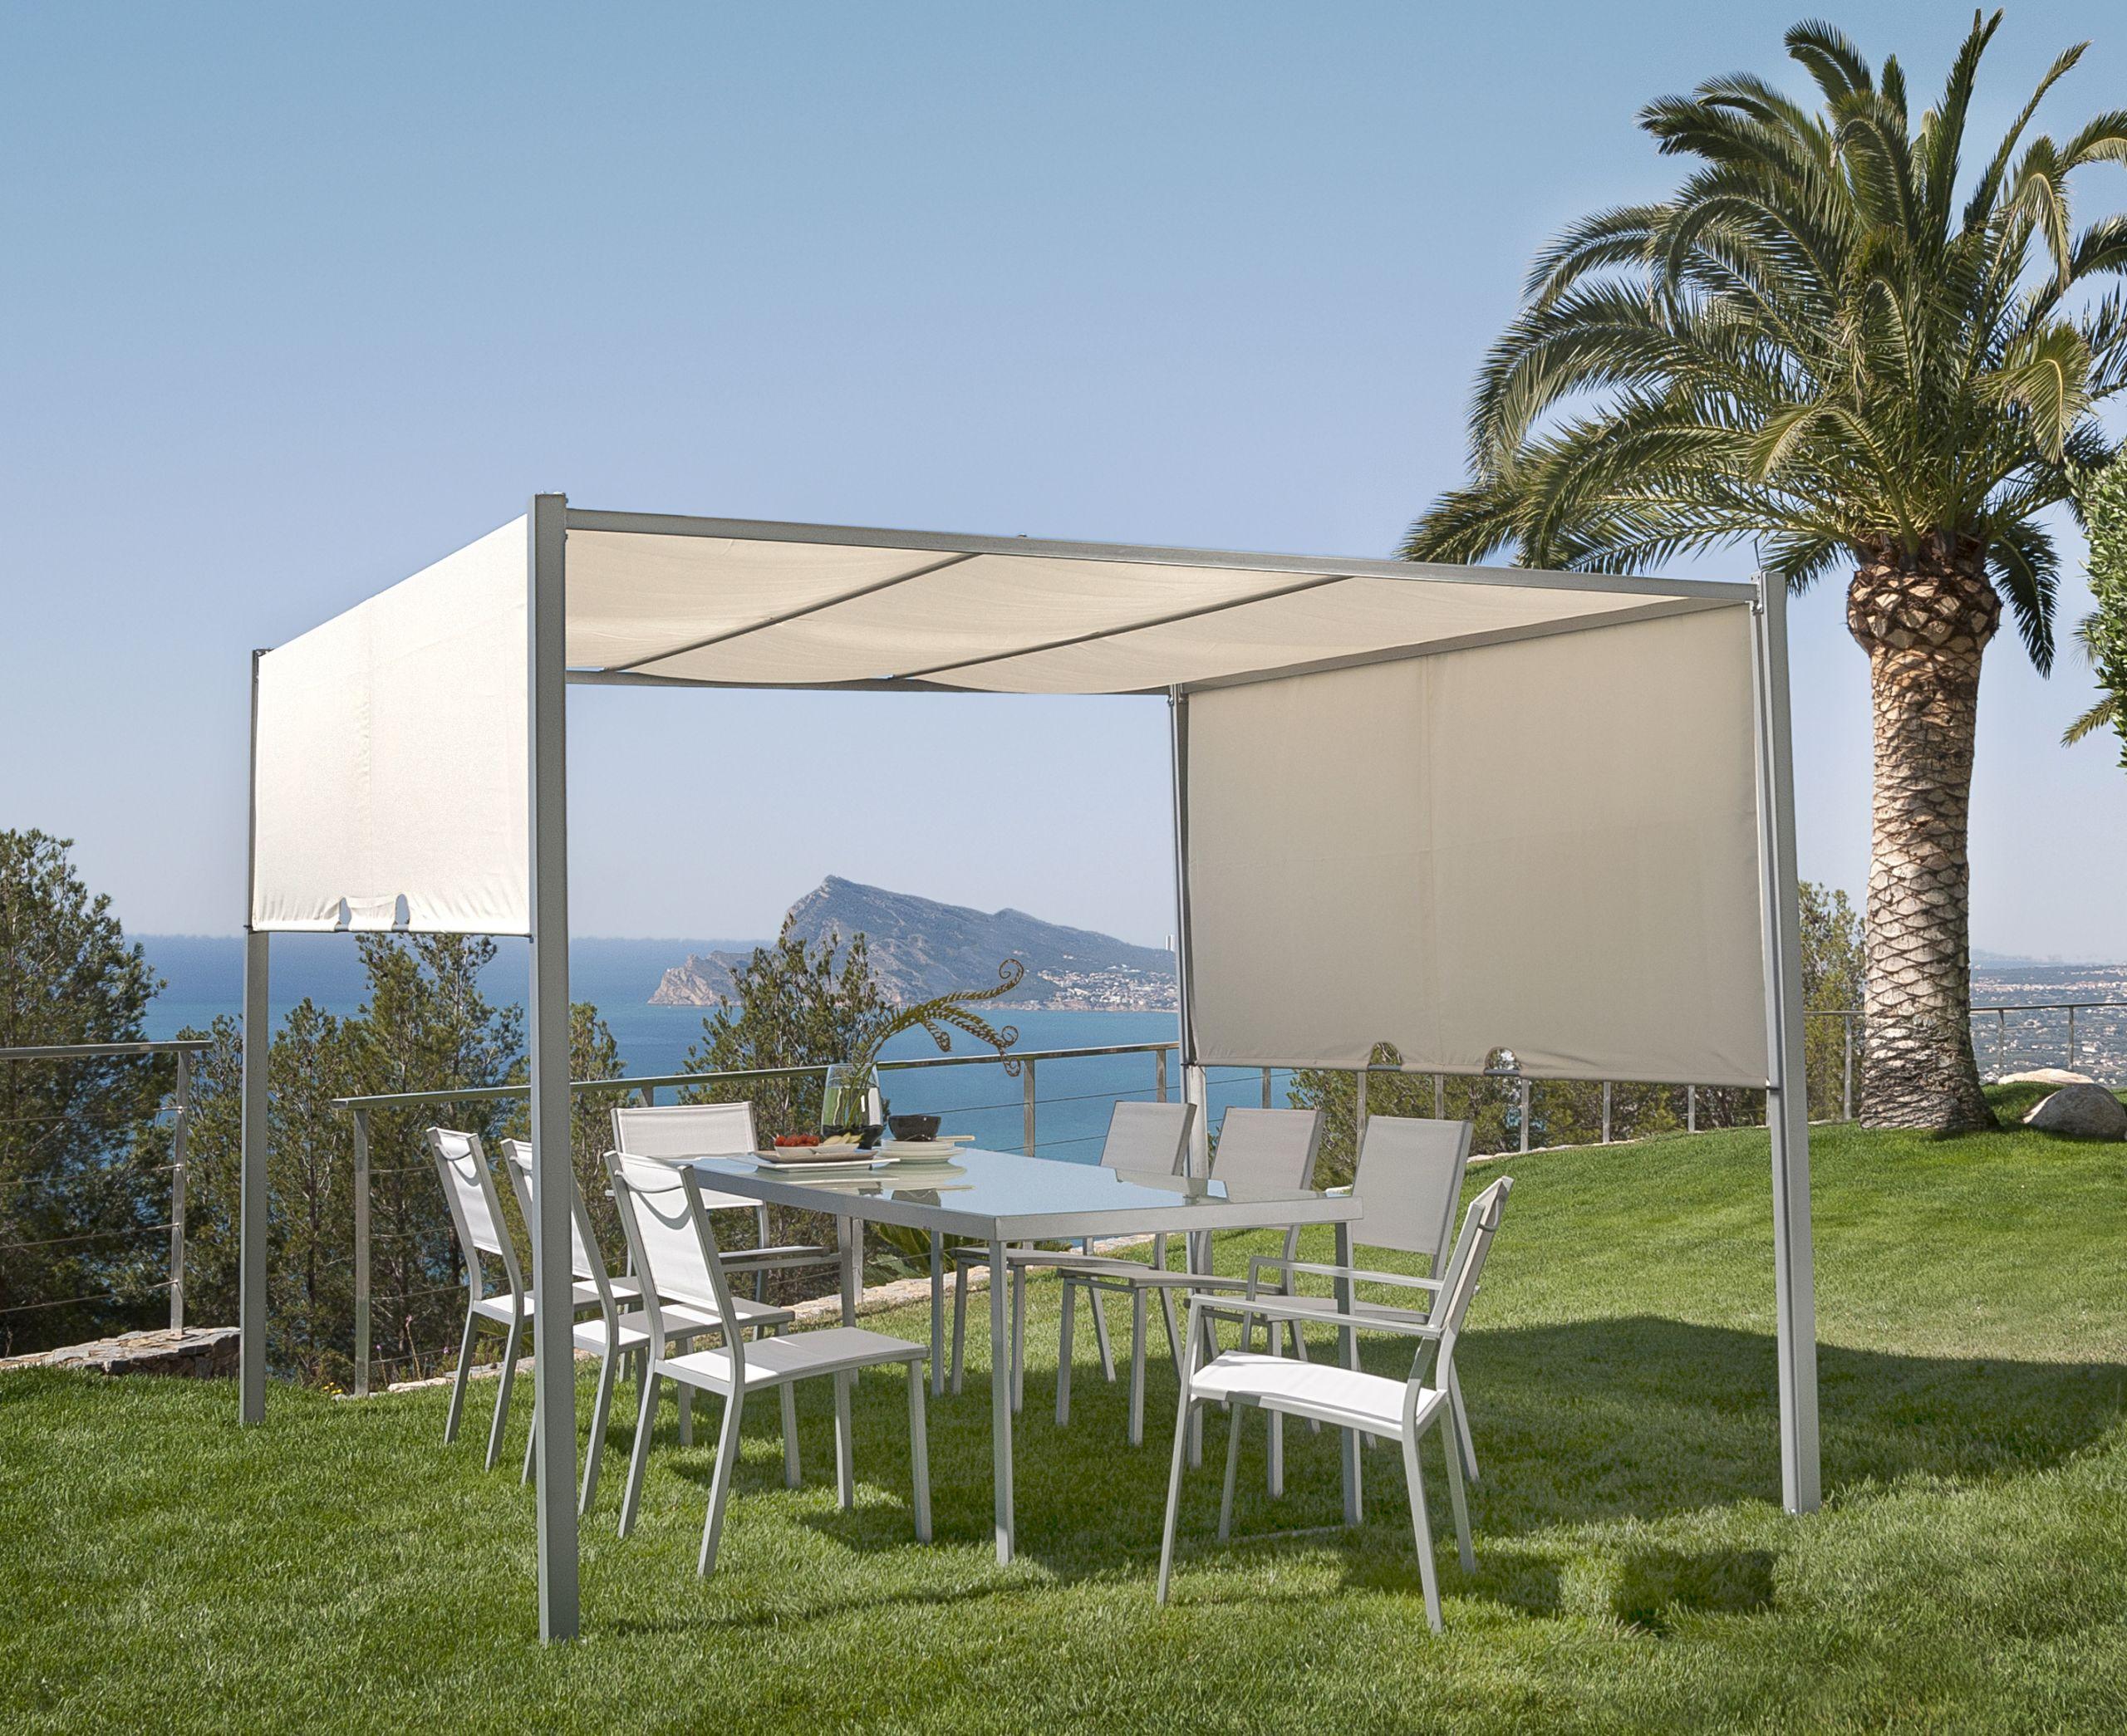 ides d de toile tonnelle carrefour beau jardin auchan toile tonnelle 3x3 carrefour avec promo best auchan inspirant abri de jardin bois idees et